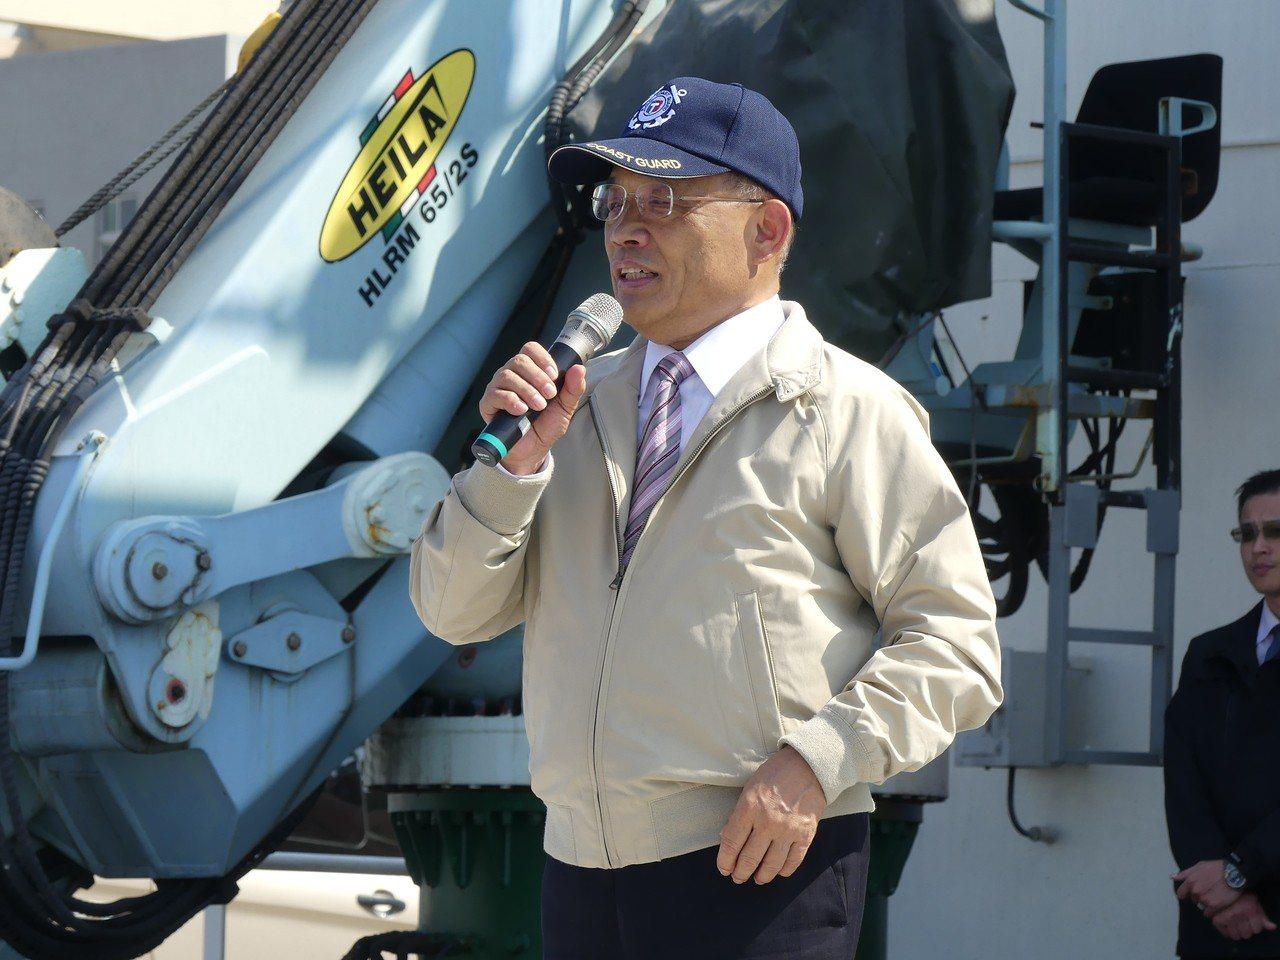 行政院長蘇貞昌中午視察台北港海巡基地,感謝協助防堵疫情發生,並宣布政府將加強照顧...